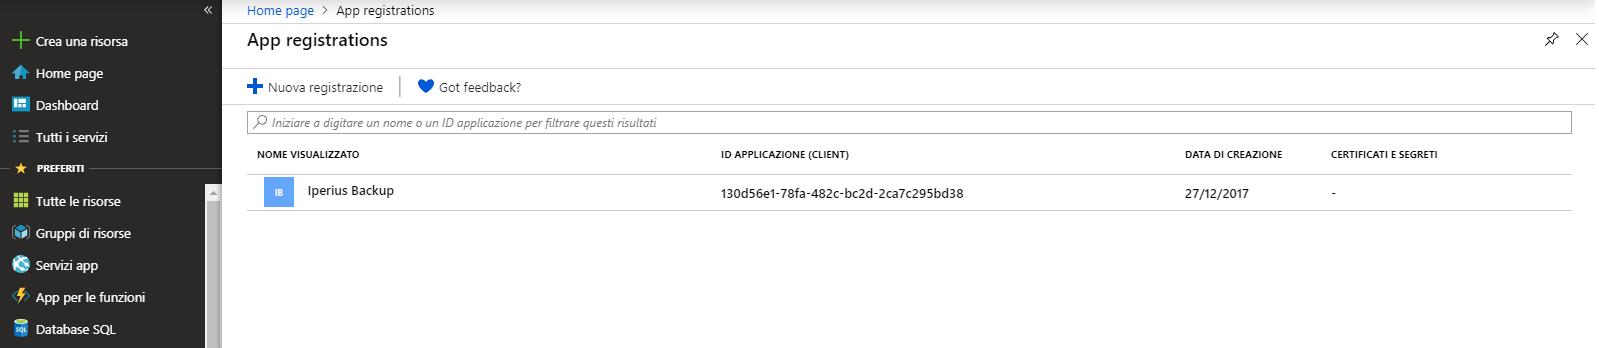 Abilitare OneDrive API e ottenere le credenziali client